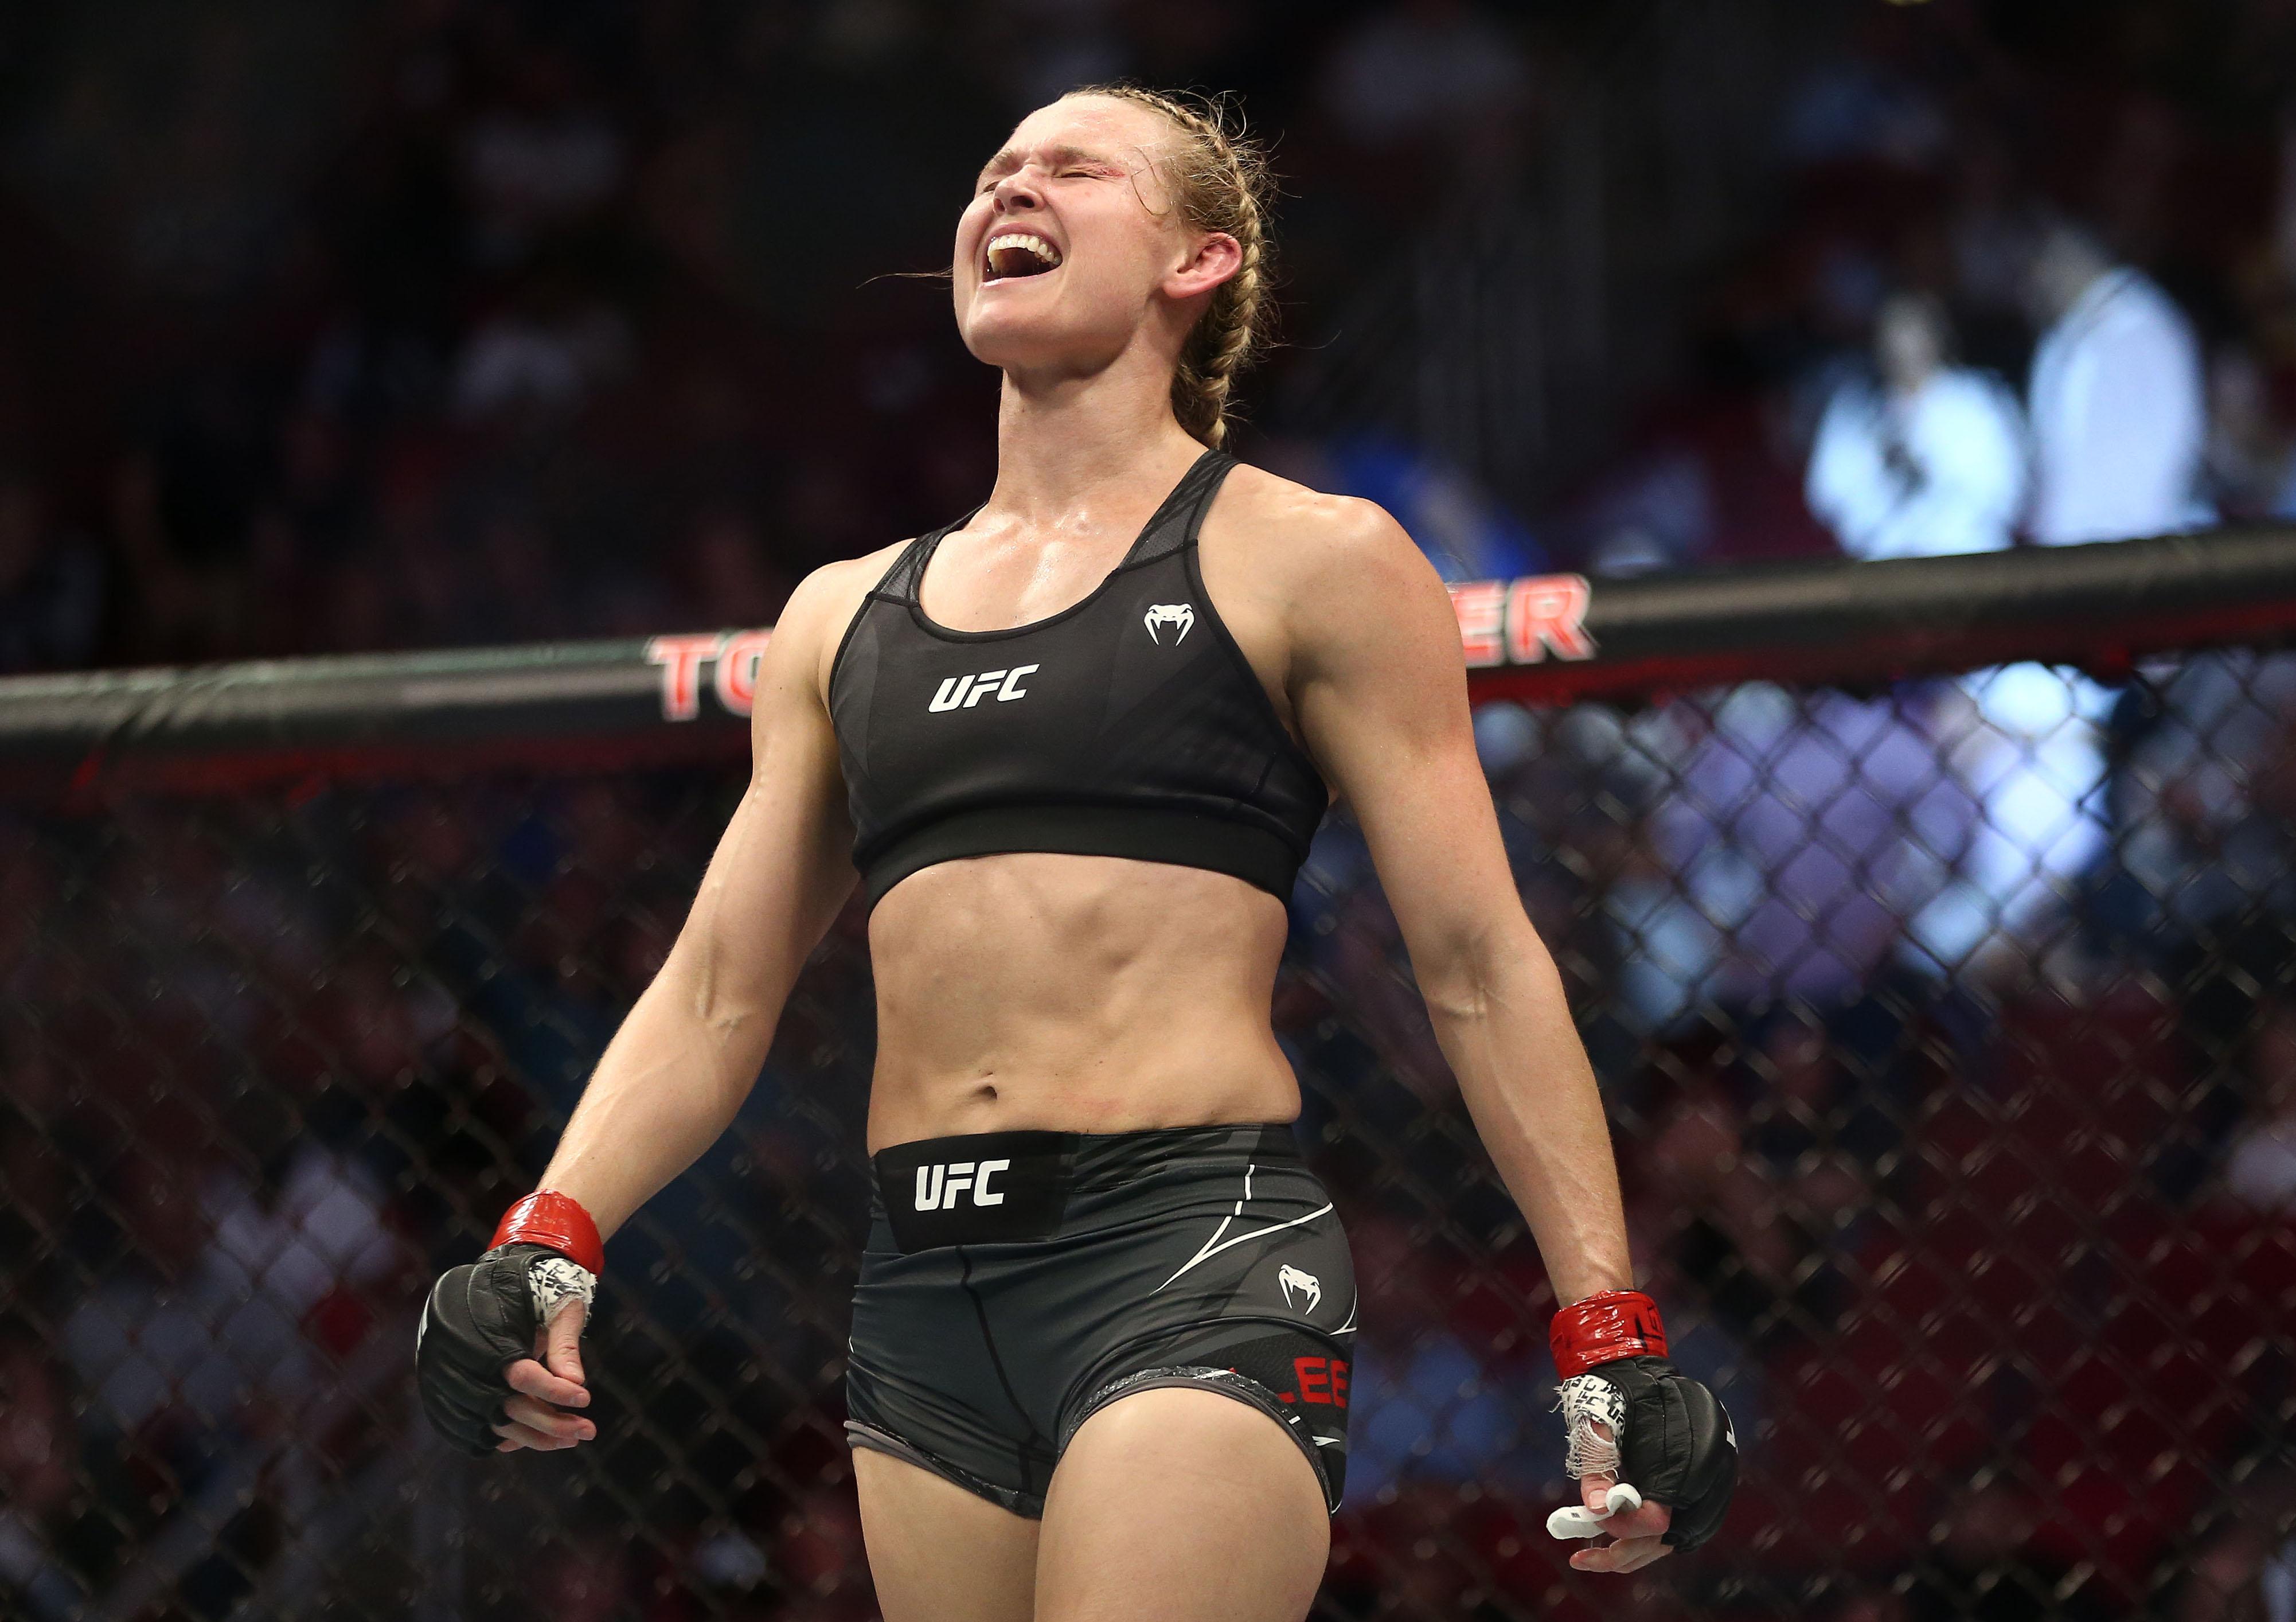 爱游戏app下载的游戏不能玩MMA:UFC 262-Lee vs Shevchenko